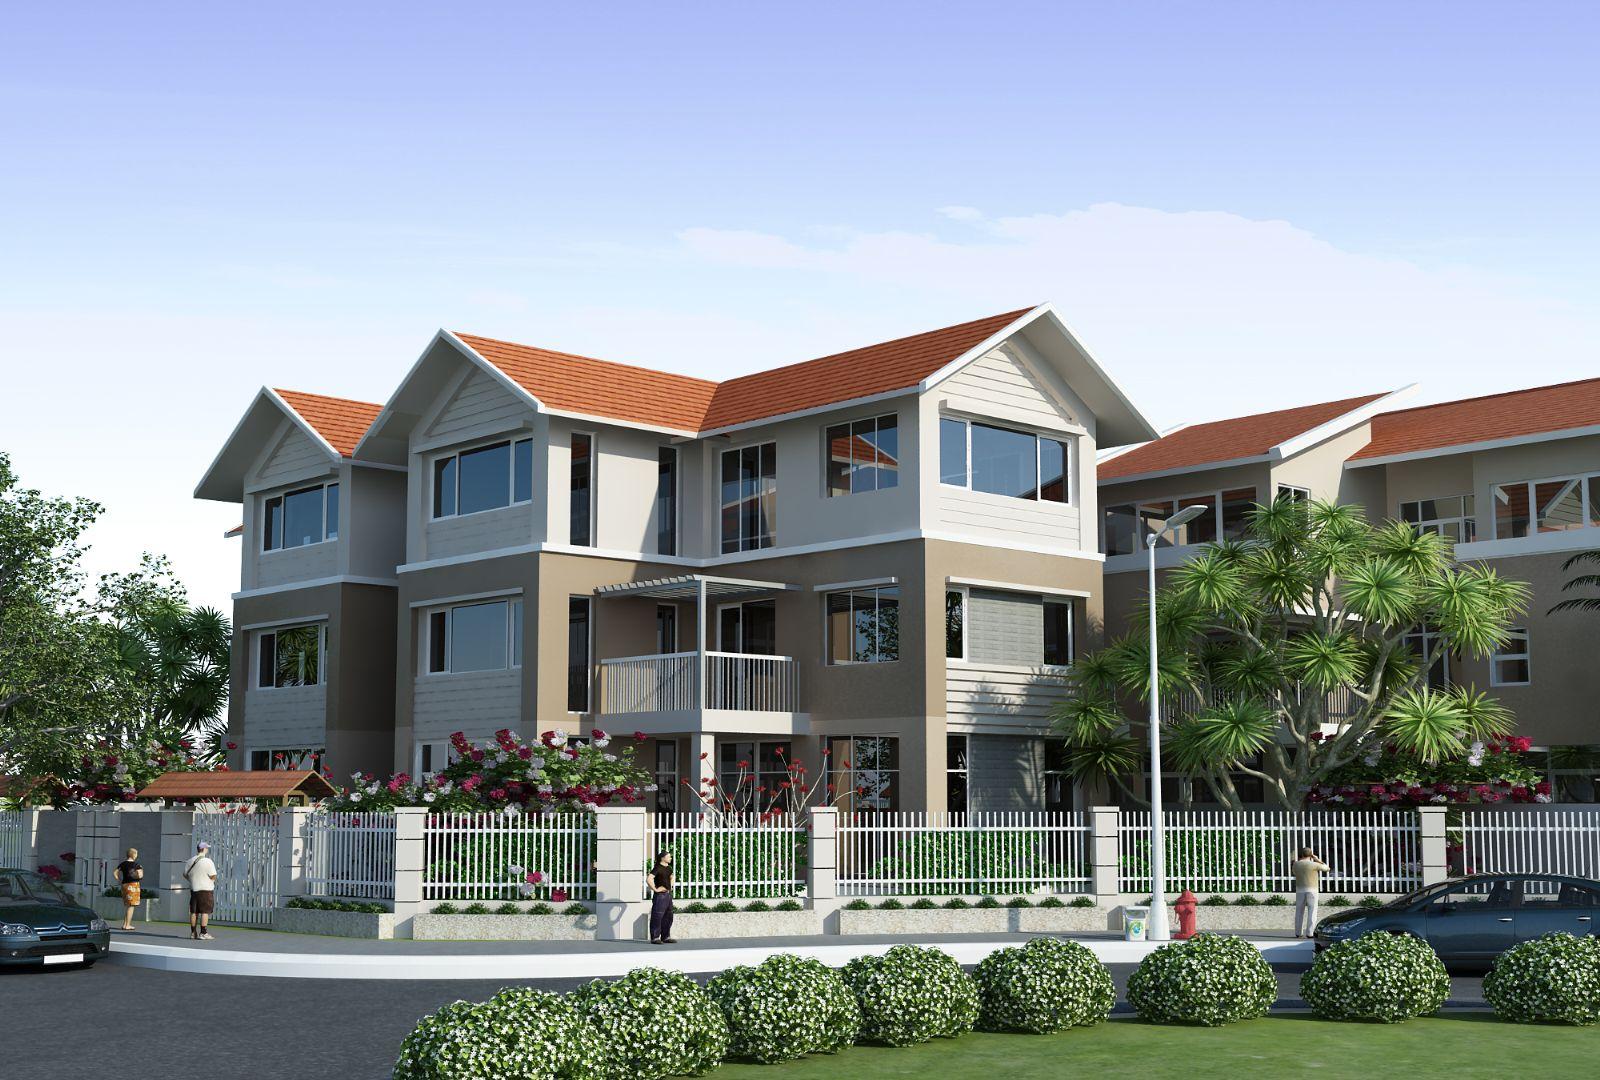 Giấy phép xây dựng nhà ở trong dự án – Có nên được miễn?